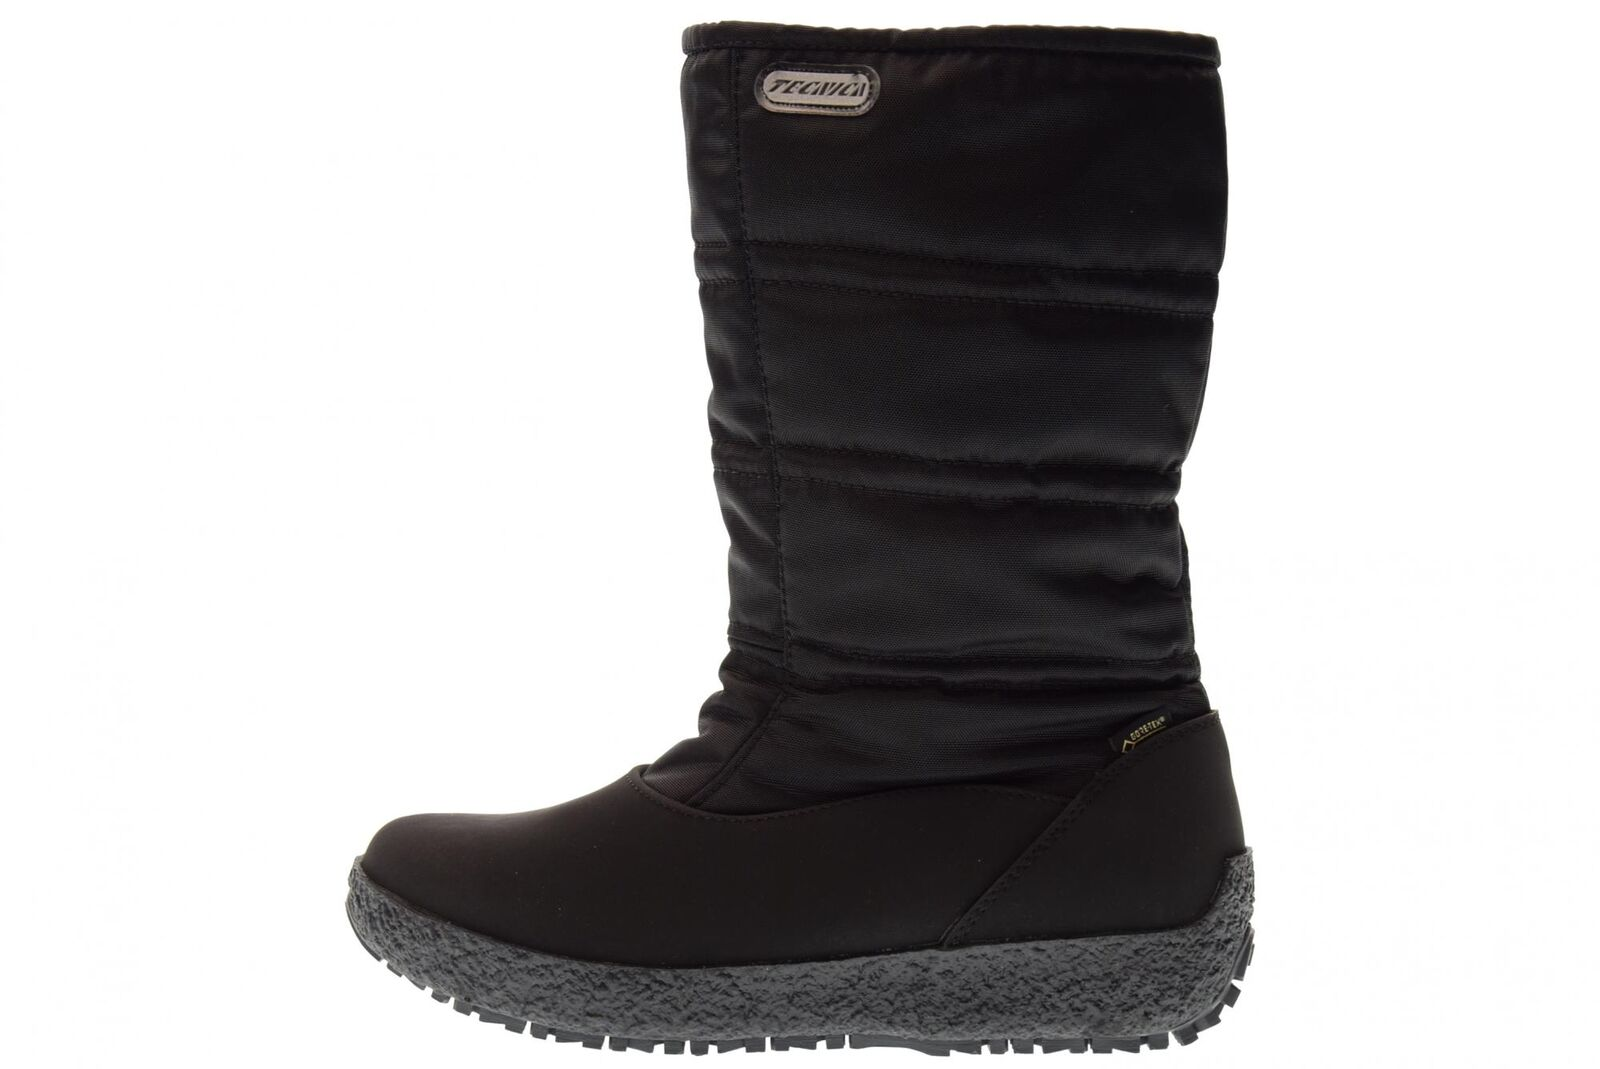 Tecnica A17g zapatos botas mujer Gore-Tex GTX WS WS GTX 26016200001 JADE negro 3cc5fe